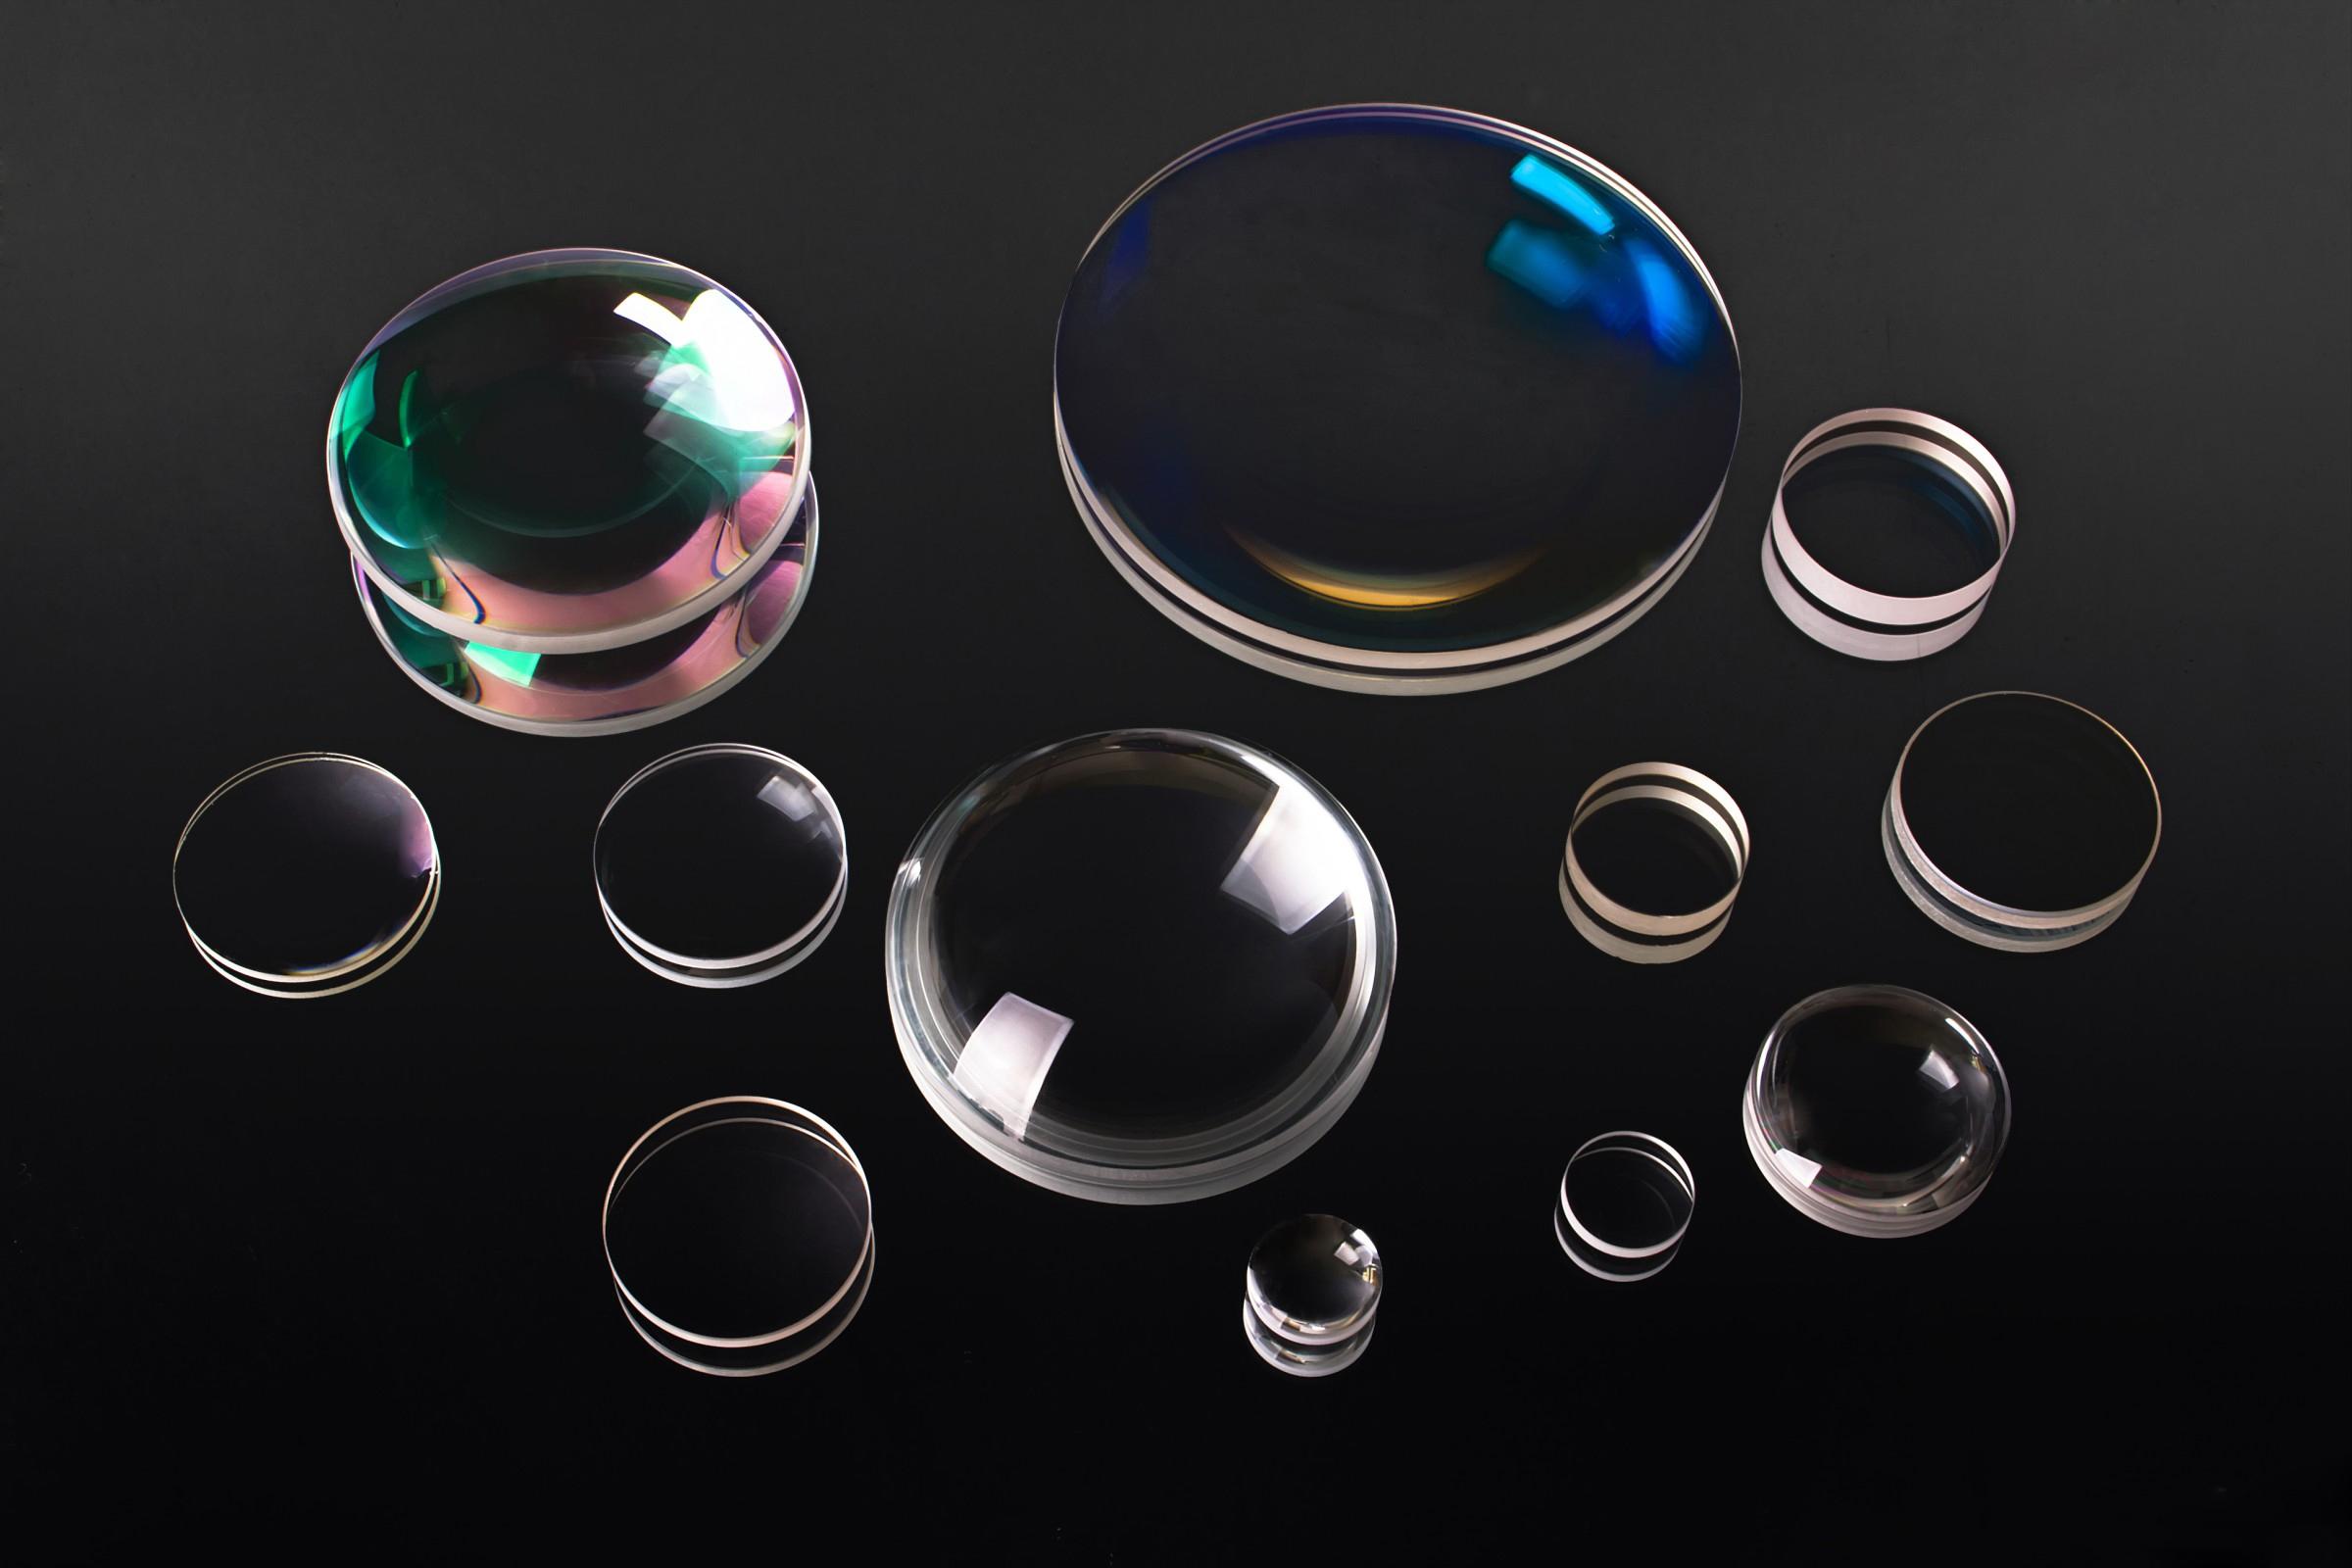 中性清洗剂_光学清洗剂|光学镜片清洗|光学玻璃清洗剂|镀膜前后光学清洗